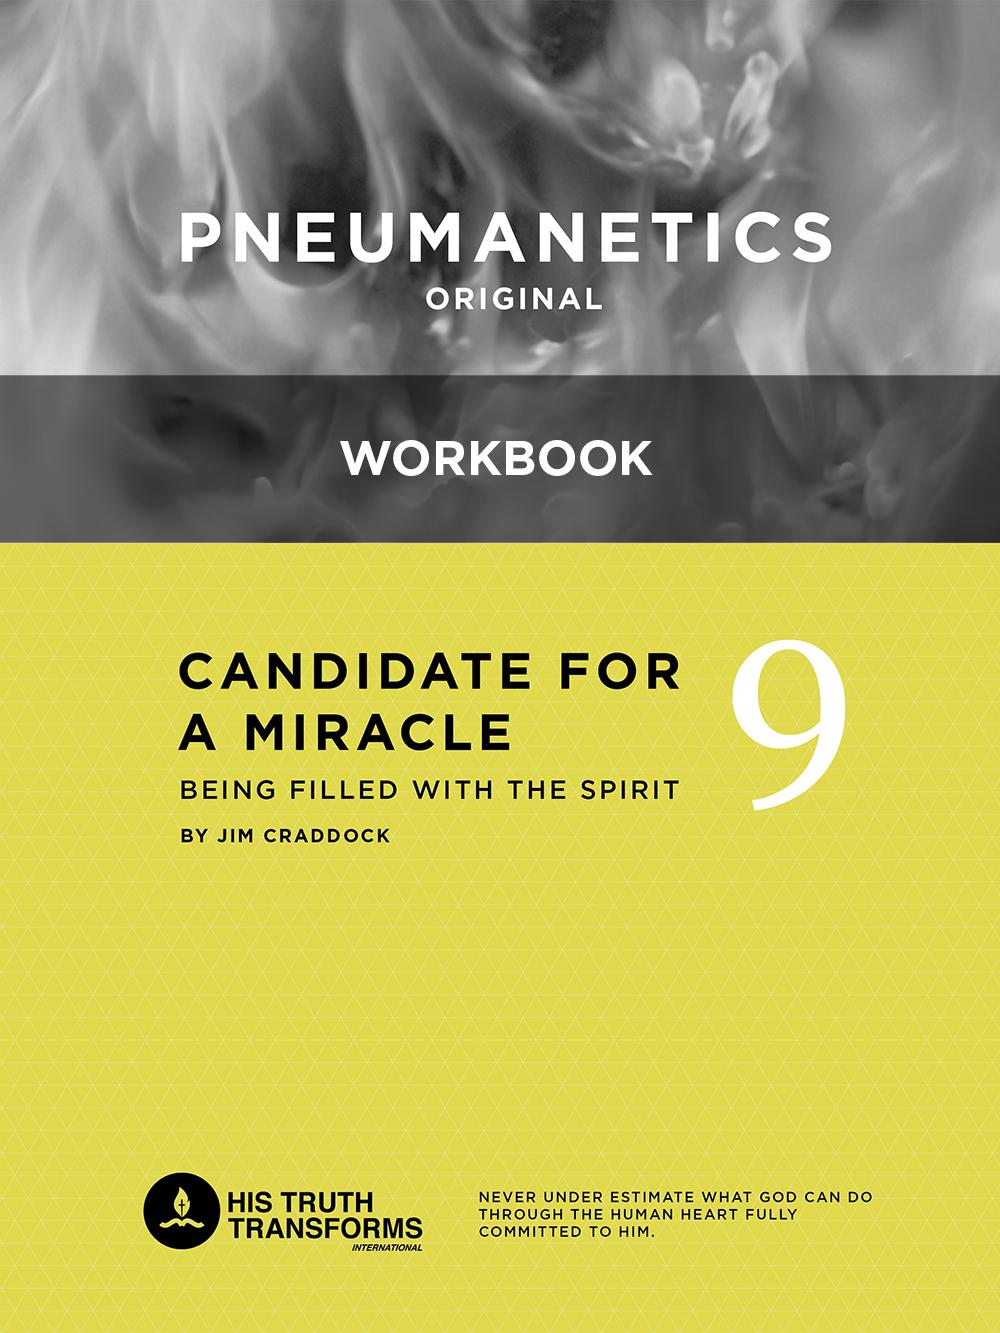 pneumanetics-9-workbook.jpg